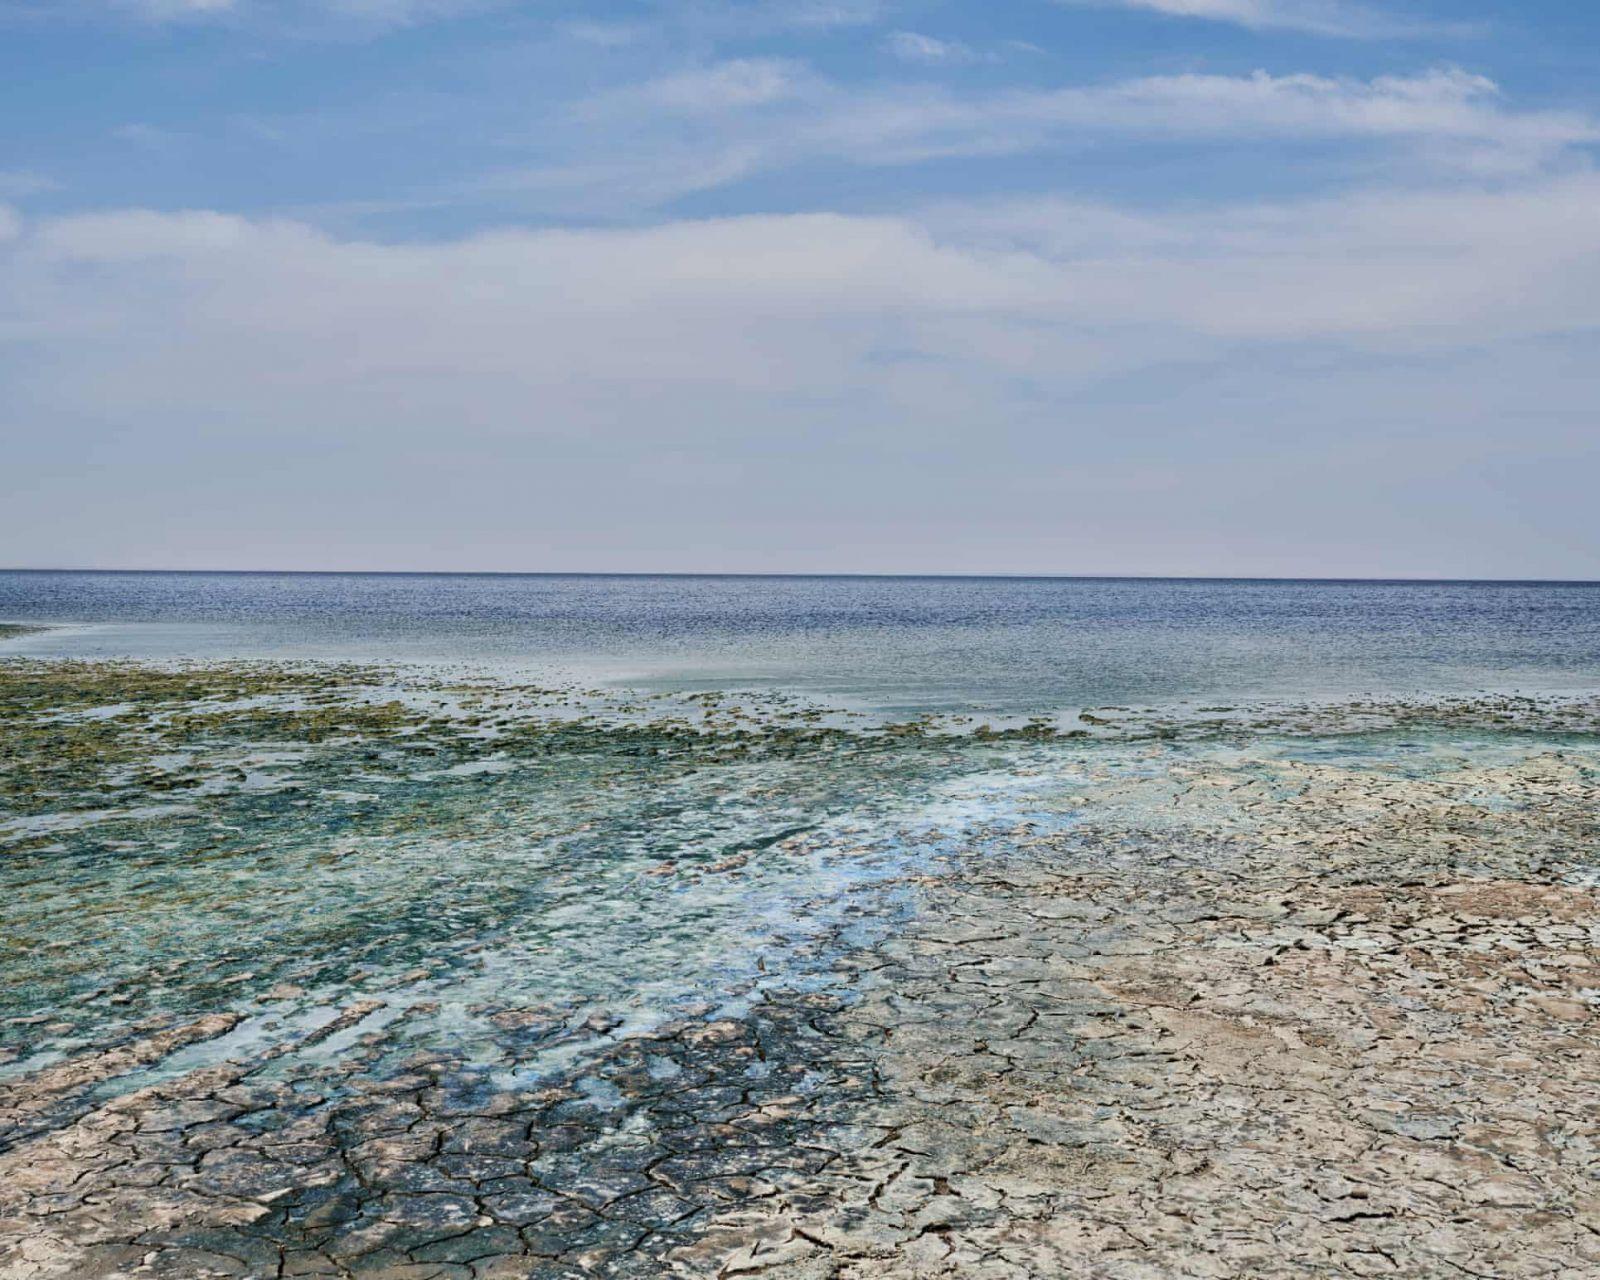 Lớp đất dưới đáy hồ biển Salton có trữ lượng lớn lithium